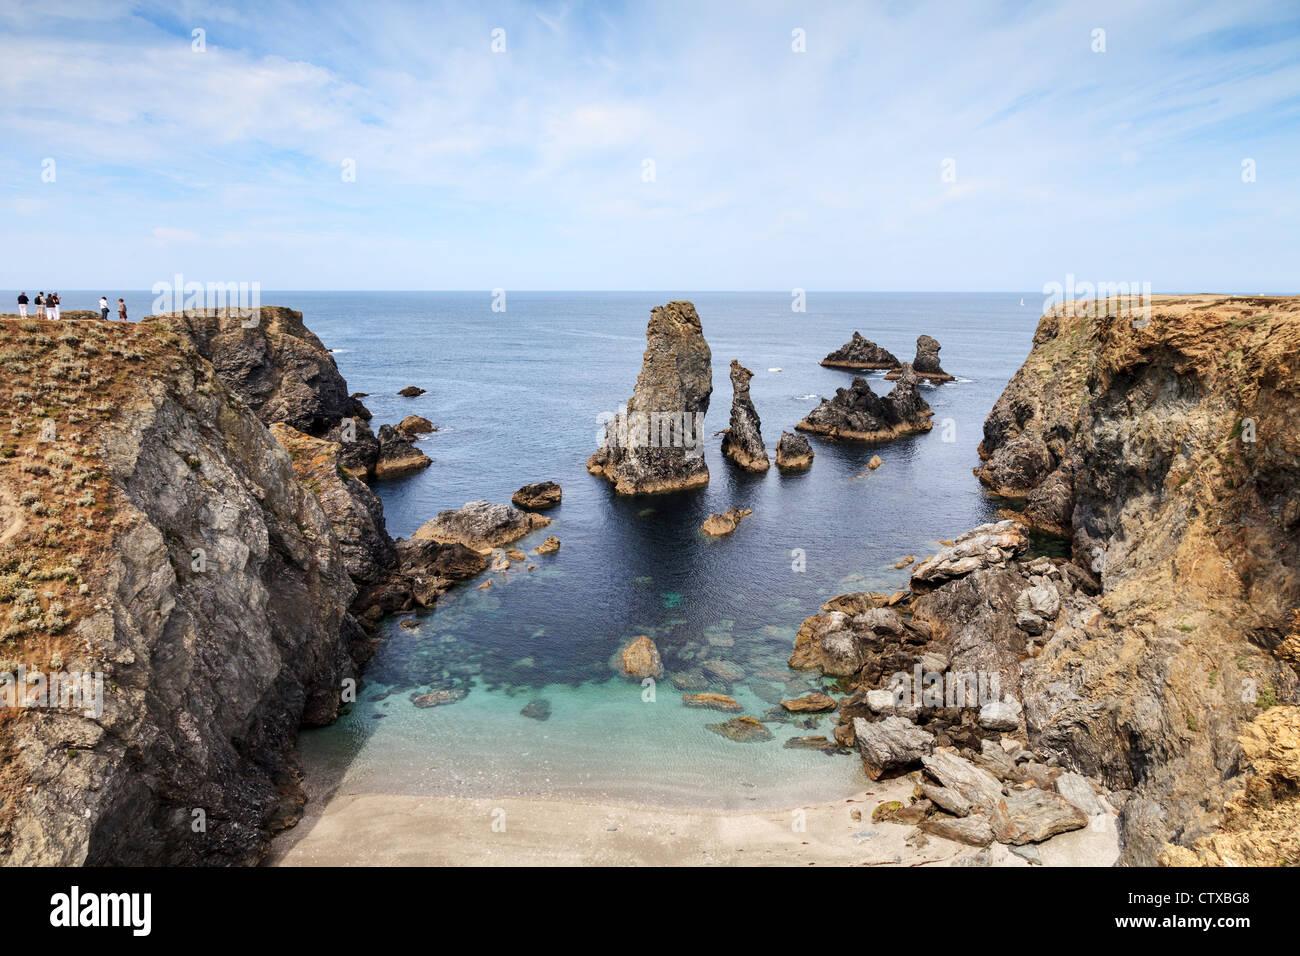 Tourist party on the cliff above Les Aiguilles de Port Coton, Belle-Ile, Brittany, France. - Stock Image